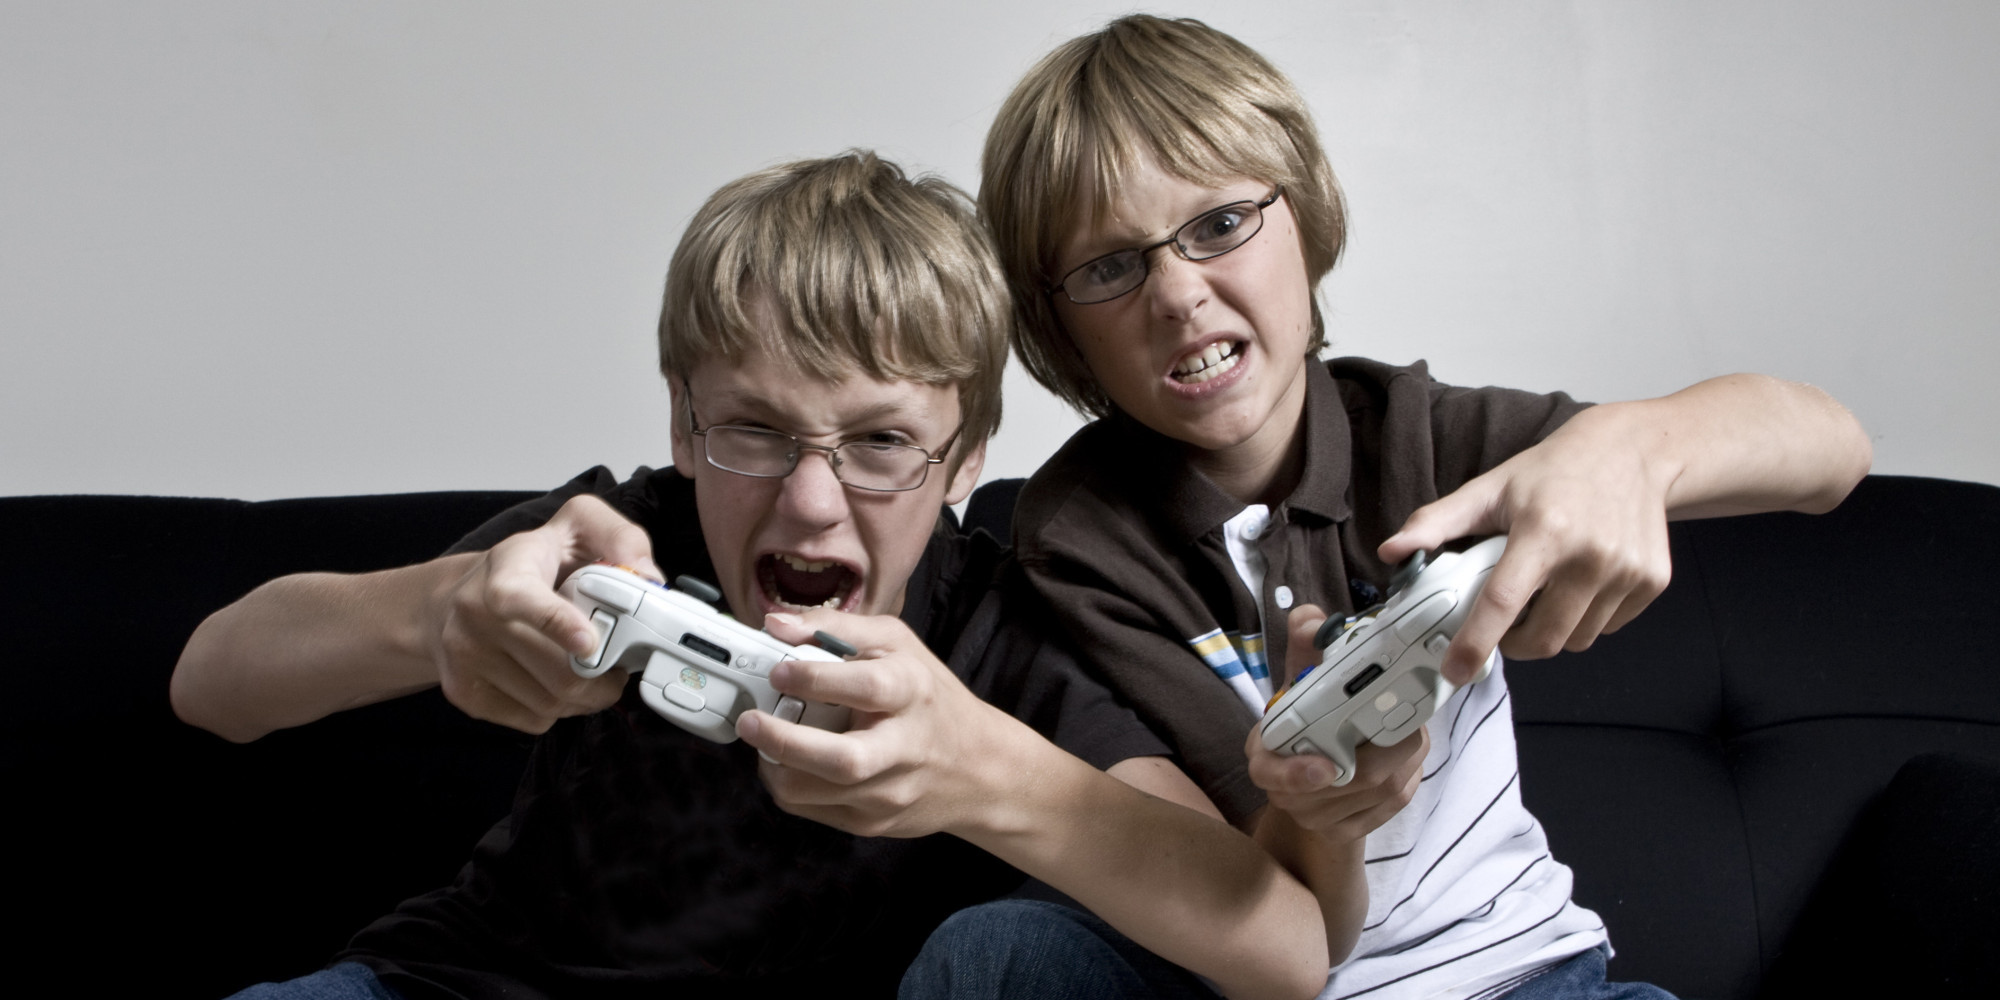 L'addiction aux jeux vidéo est dangereuse